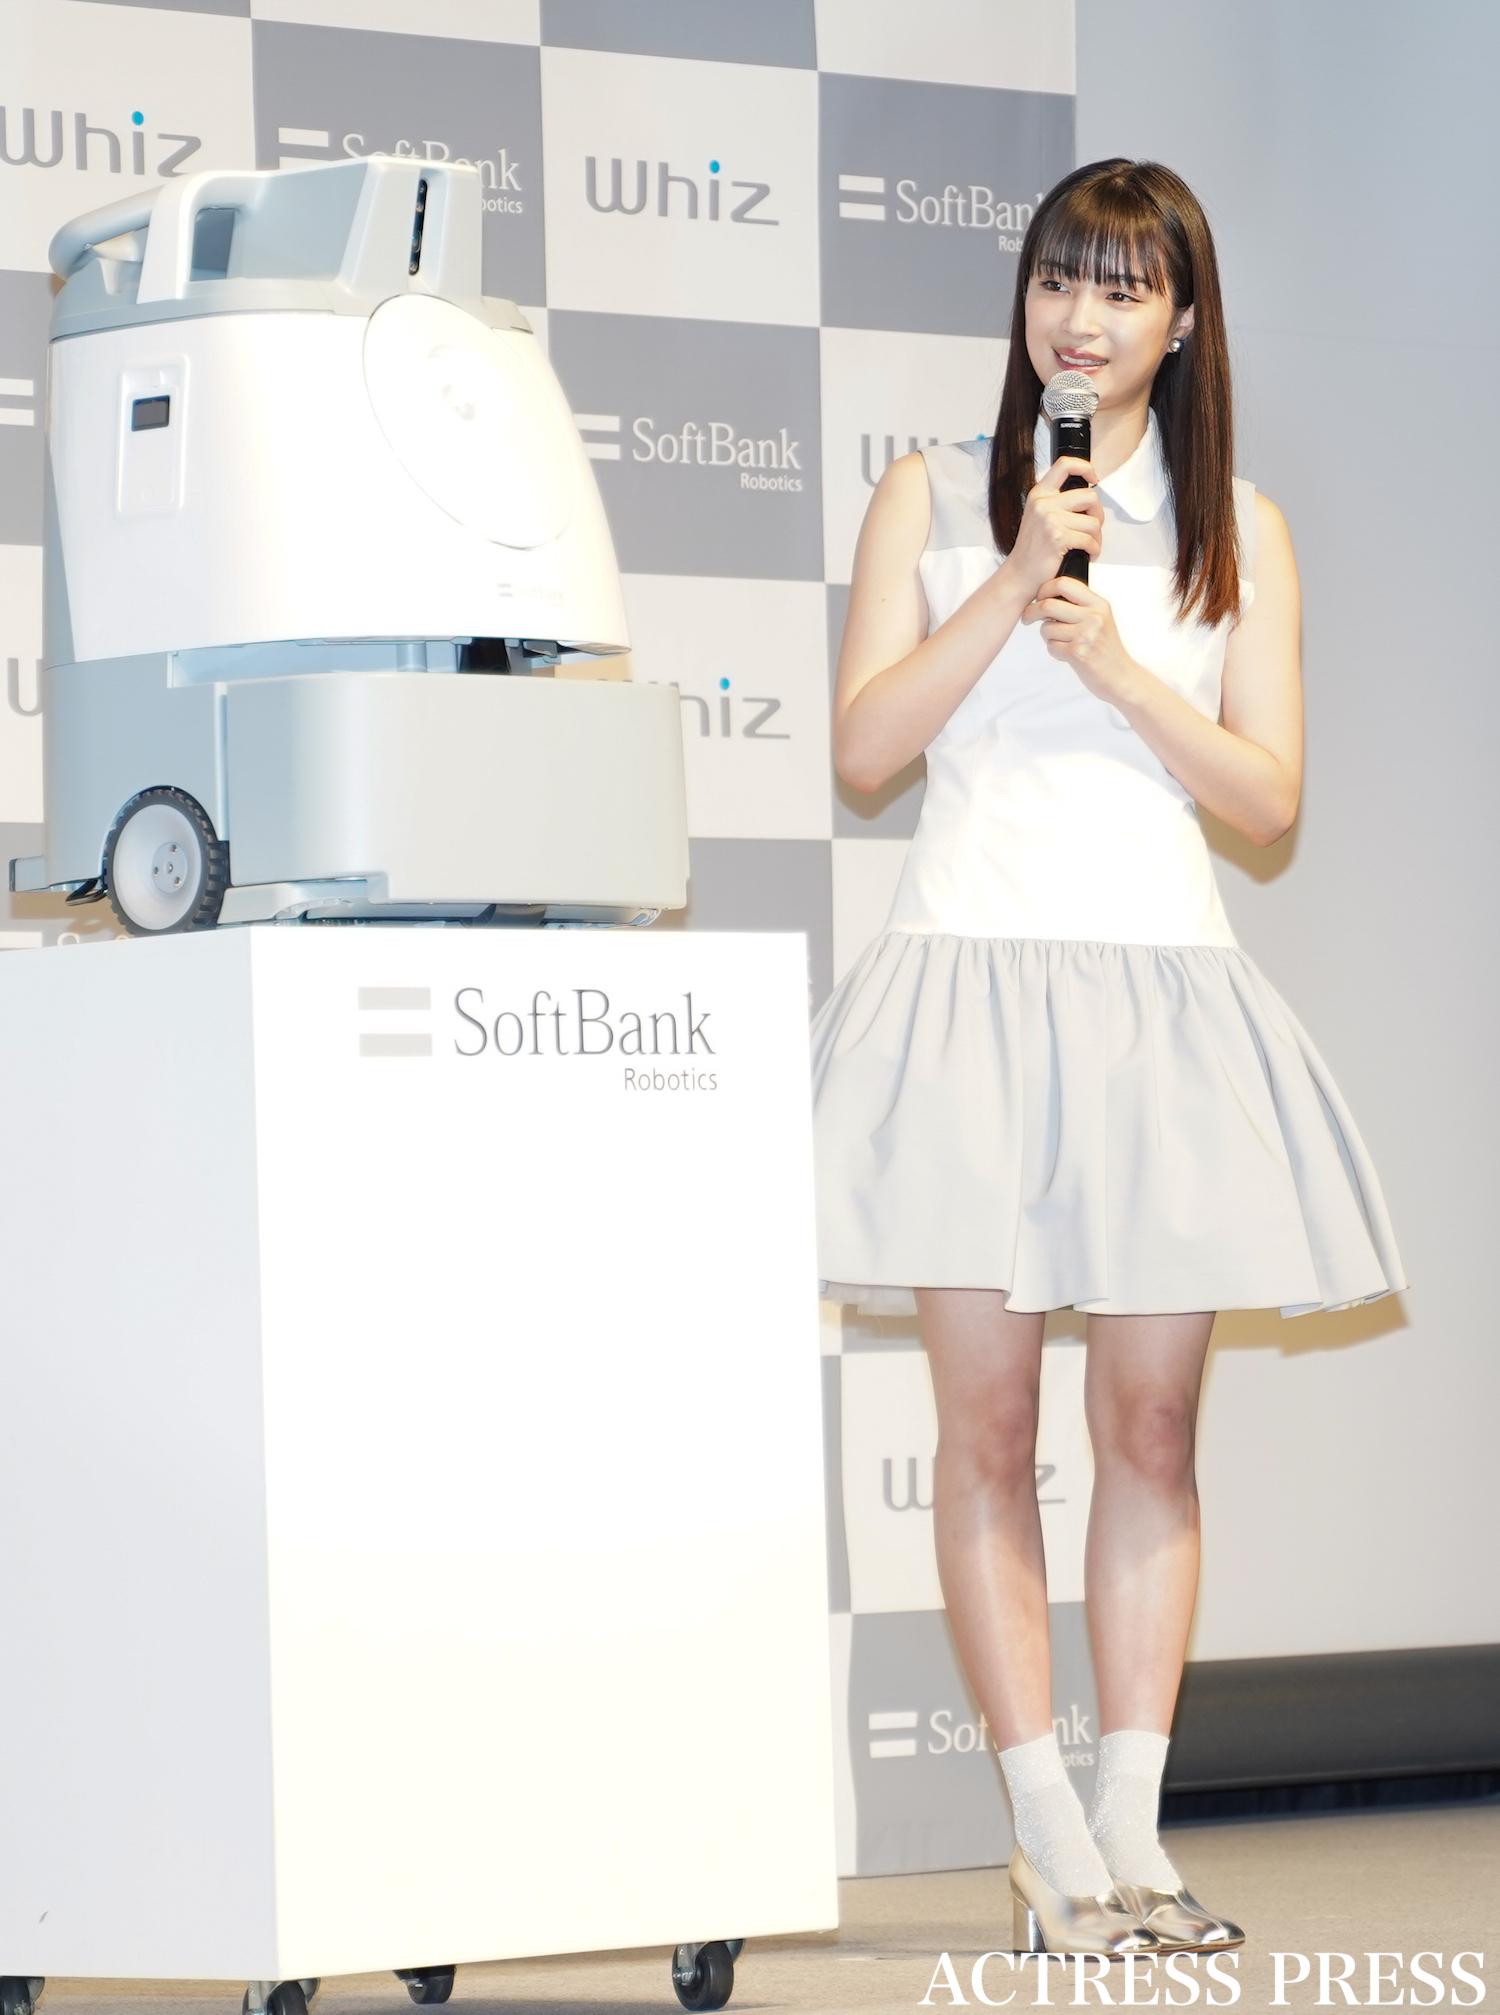 広瀬すず/AI清掃ロボット「Whiz」新キャンペーン発表会にて(2020年2月3日、渋谷ストリームホールにて)/:撮影:ACTRESS PRESS編集部